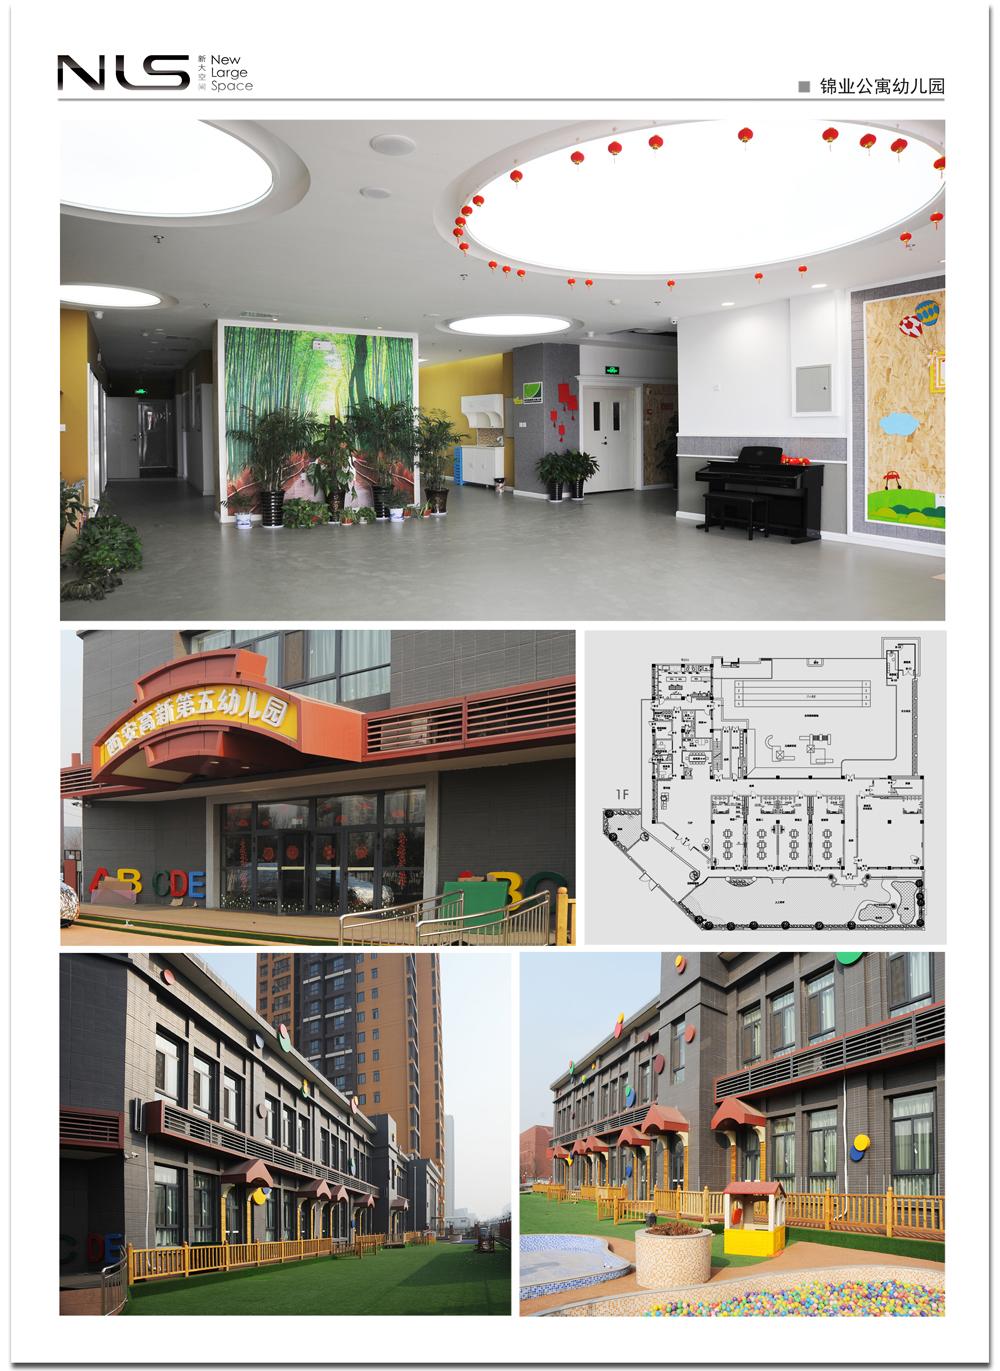 01 锦业公寓幼儿园副本.jpg